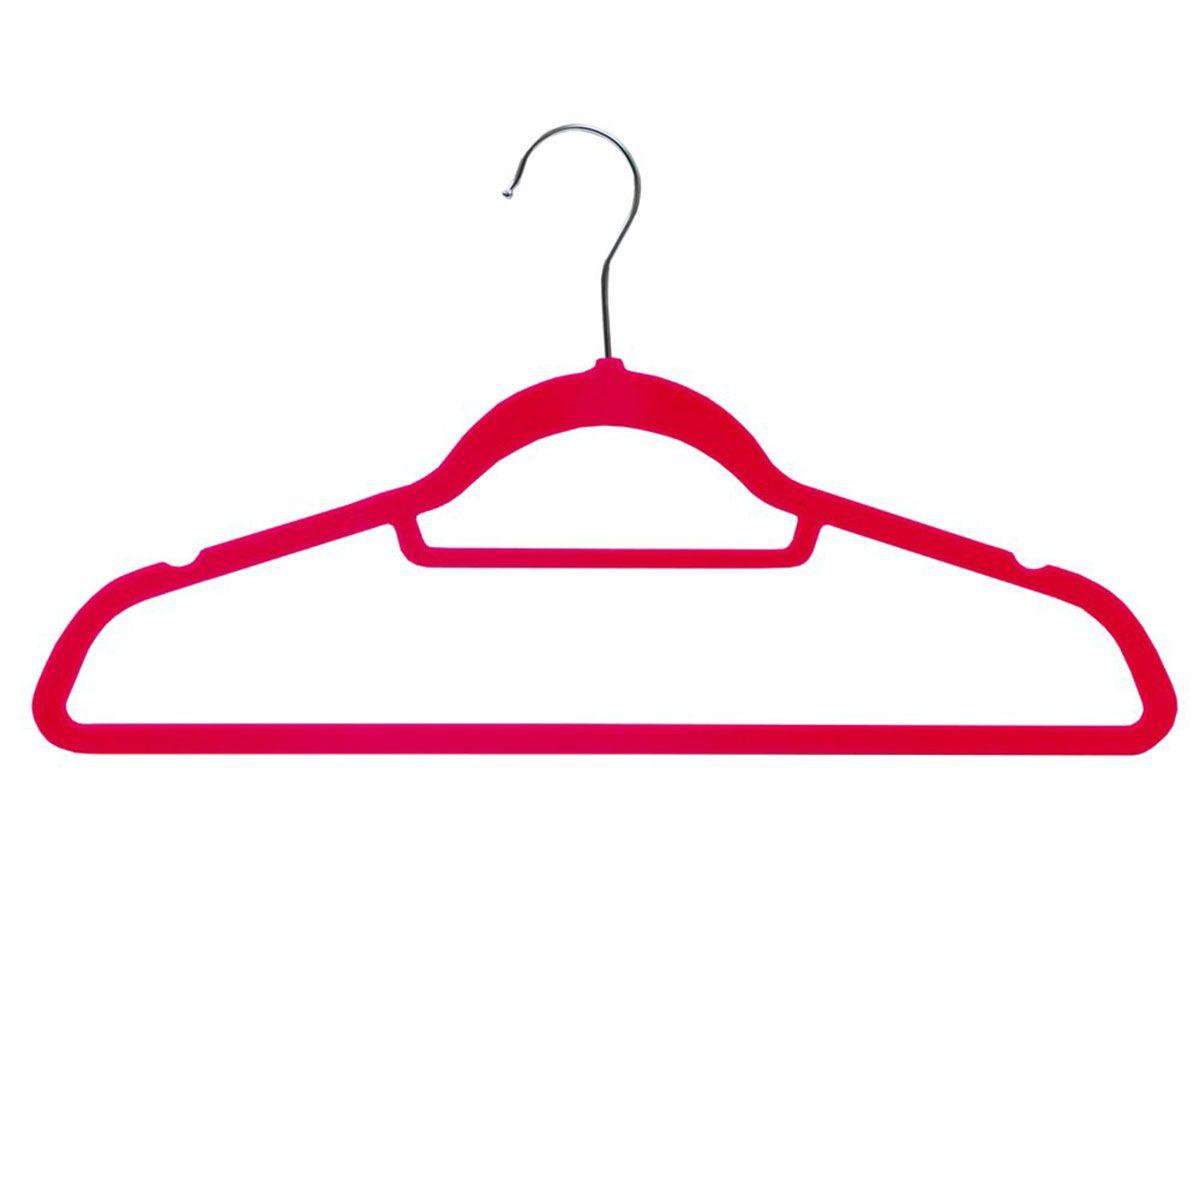 JVL Pink Velvet Non-Slip Coat Hangers - Pack of 50